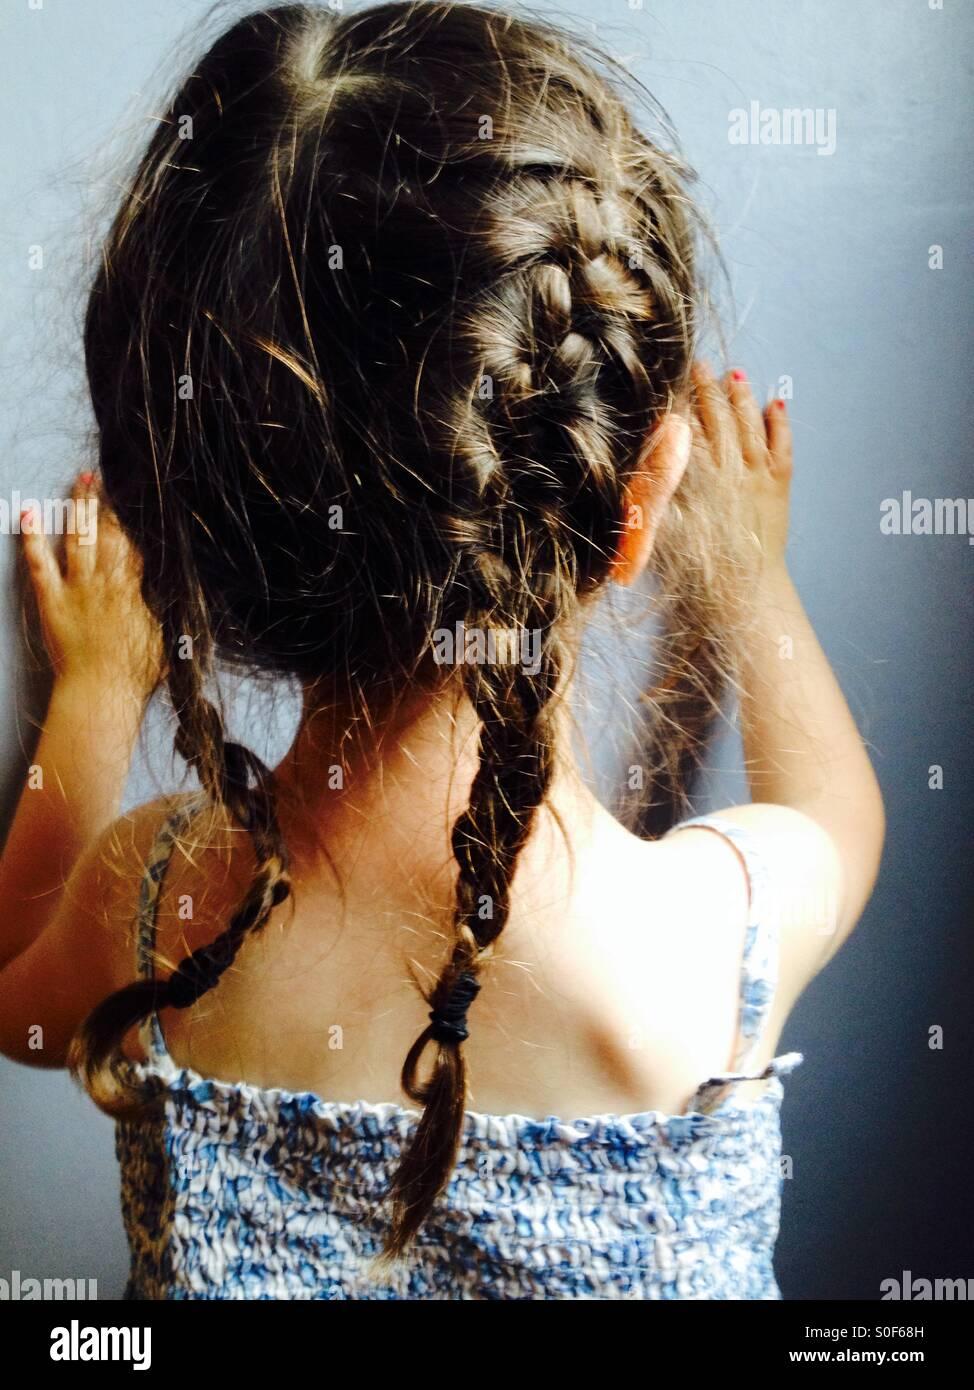 Pigtails en una niña de 3 años Imagen De Stock